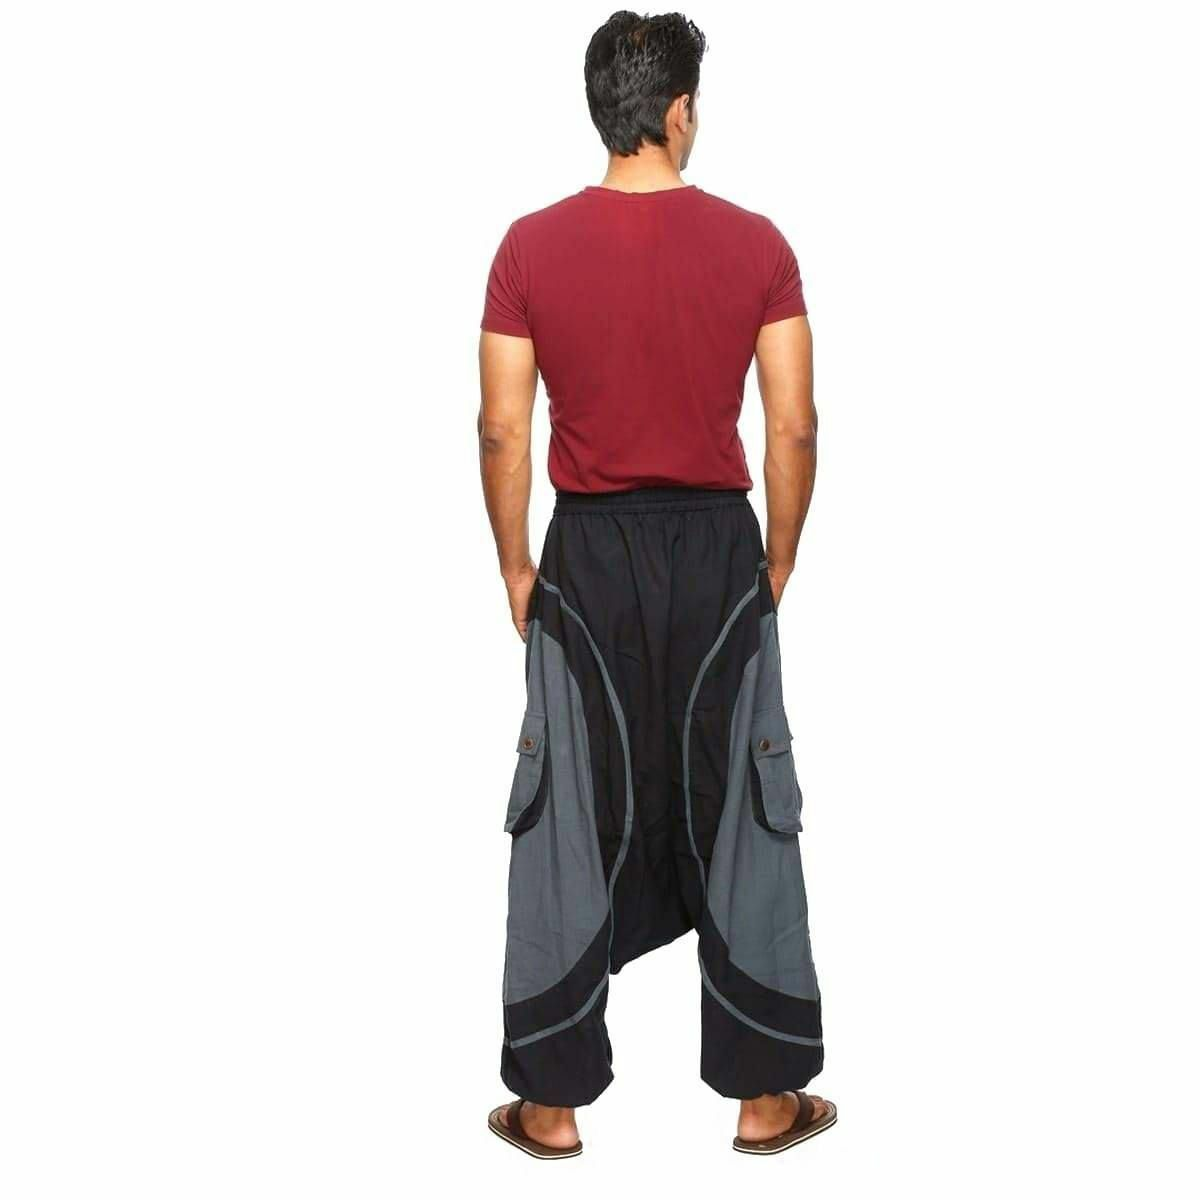 Pantaloni cavallo basso harem pantaloni cotone sarouel singharaja Uomo